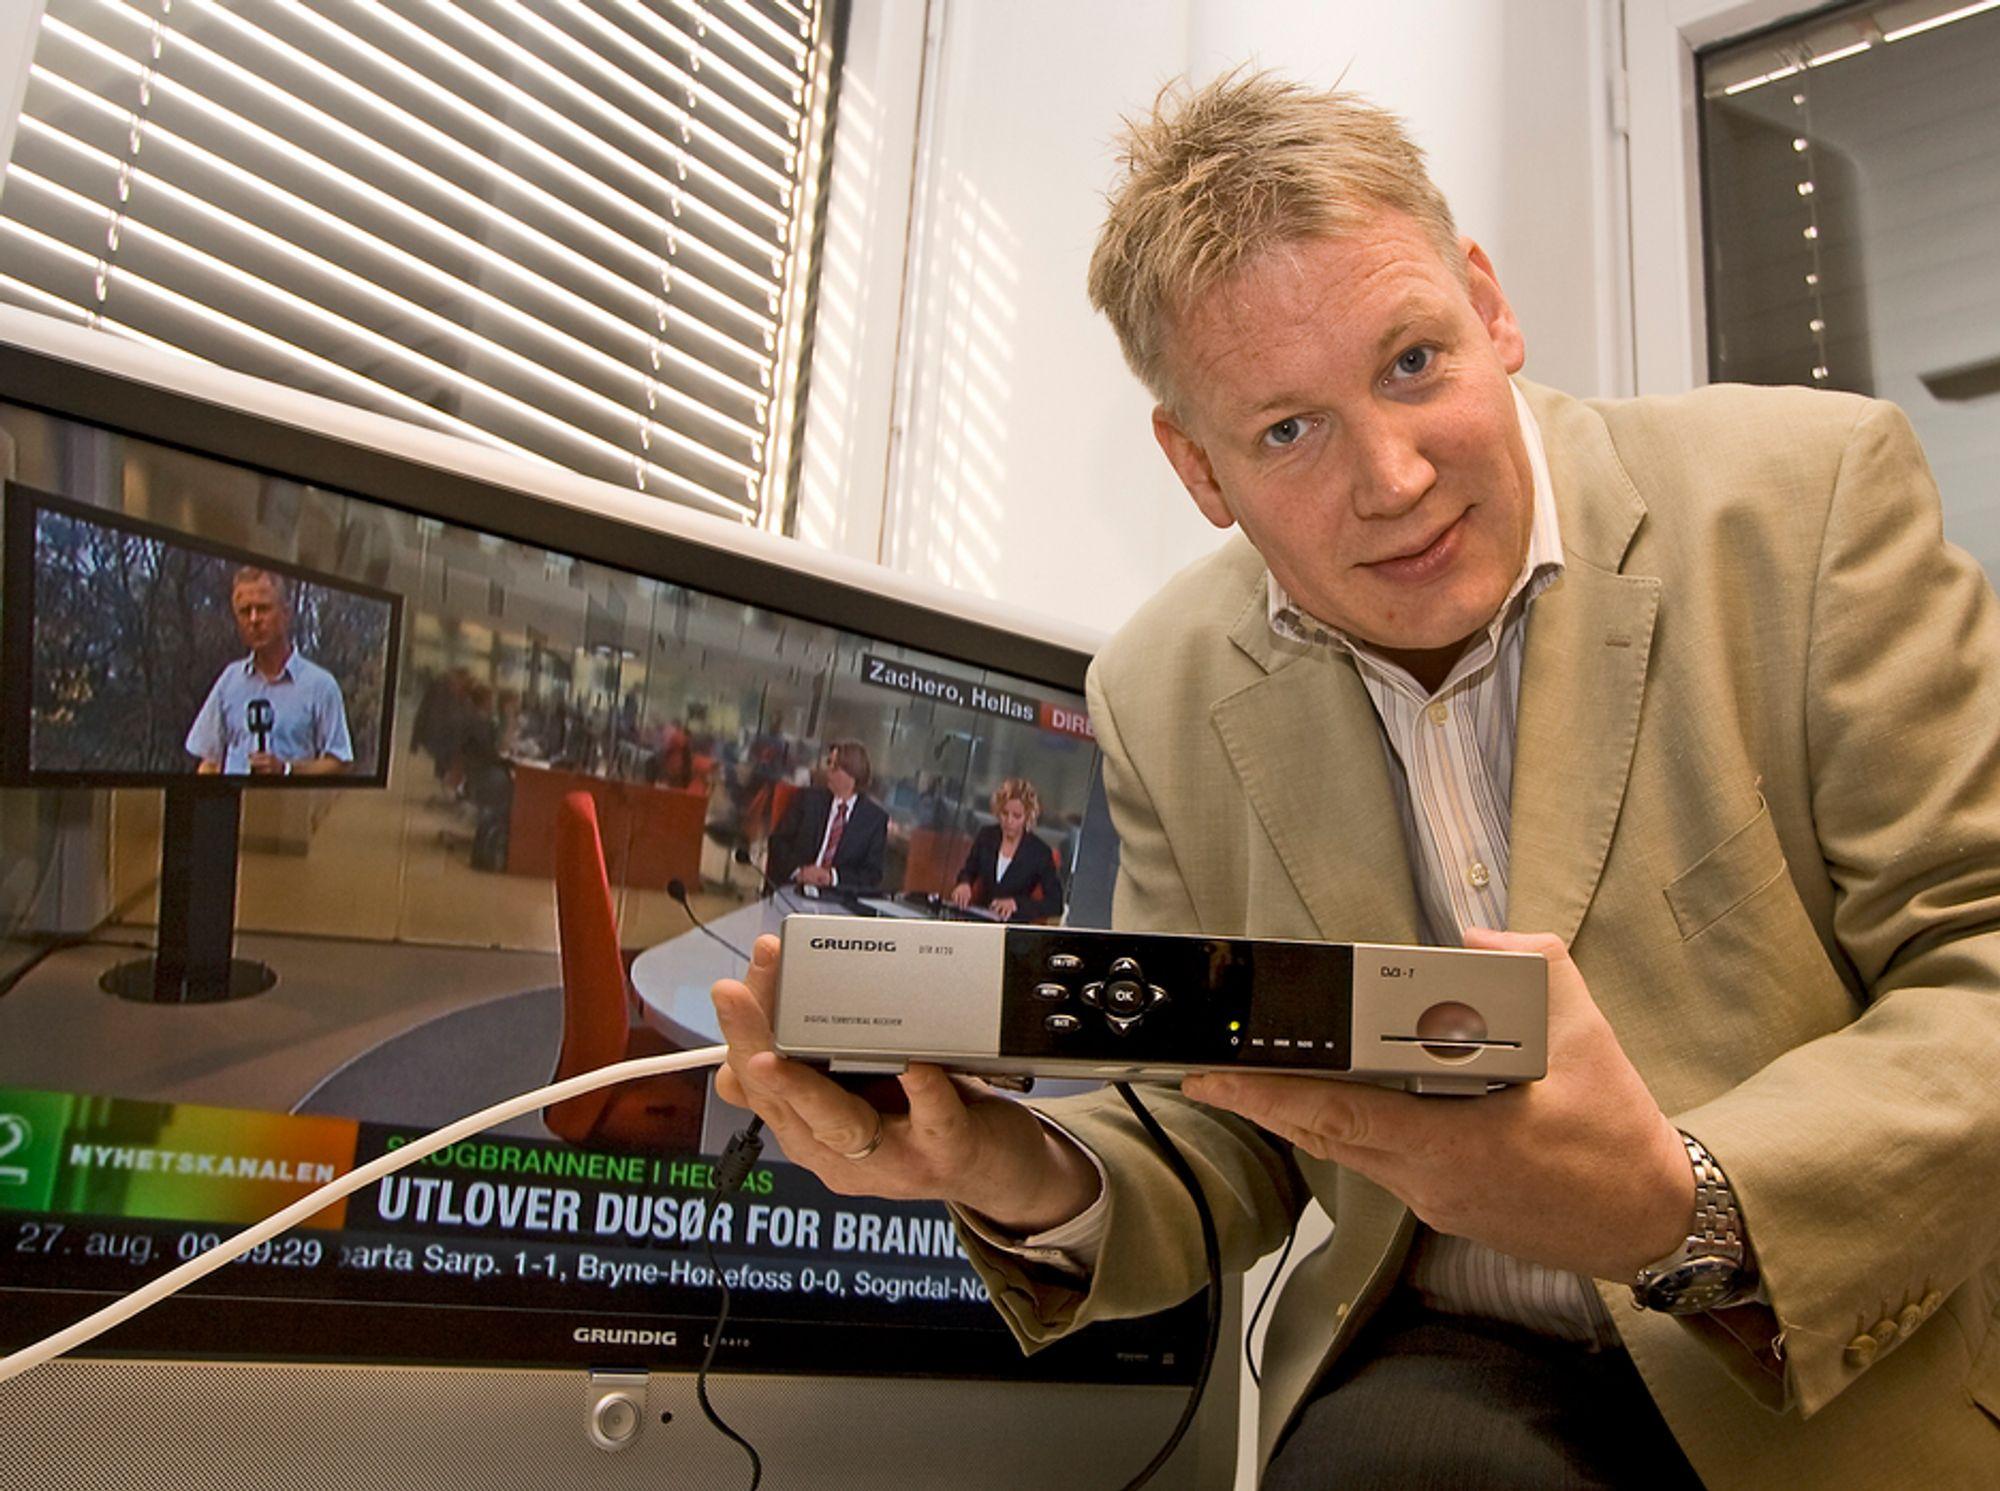 Mange er misfornøyde med signalkvaliteten i det digitale bakkenettet. - Feil type antenner, sier kommunikasjonsdirektør Svein Ove Søreide i RiksTV.